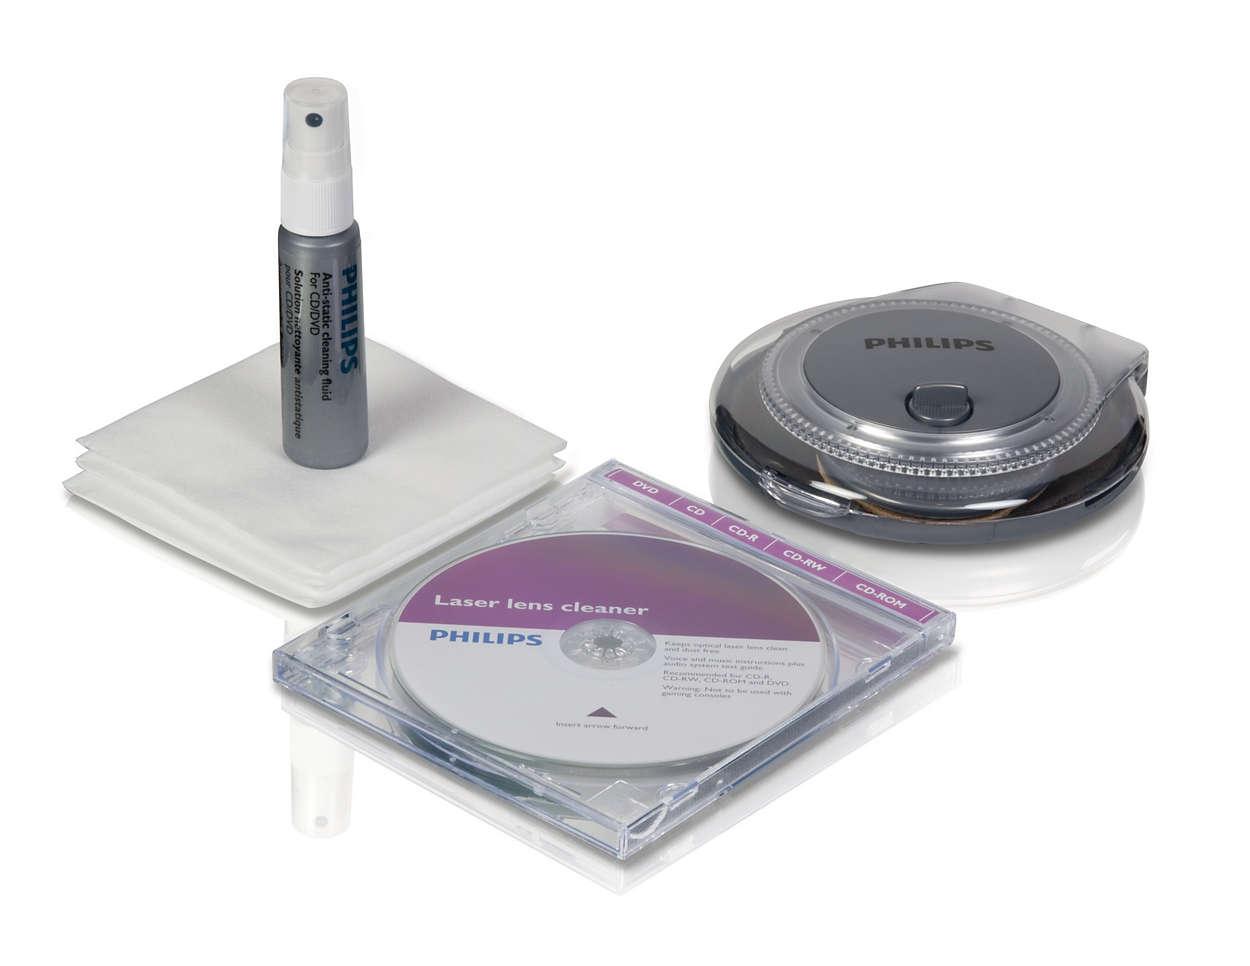 Κιτ καθαρισμού δίσκων και συσκευών αναπαραγωγής CD/DVD